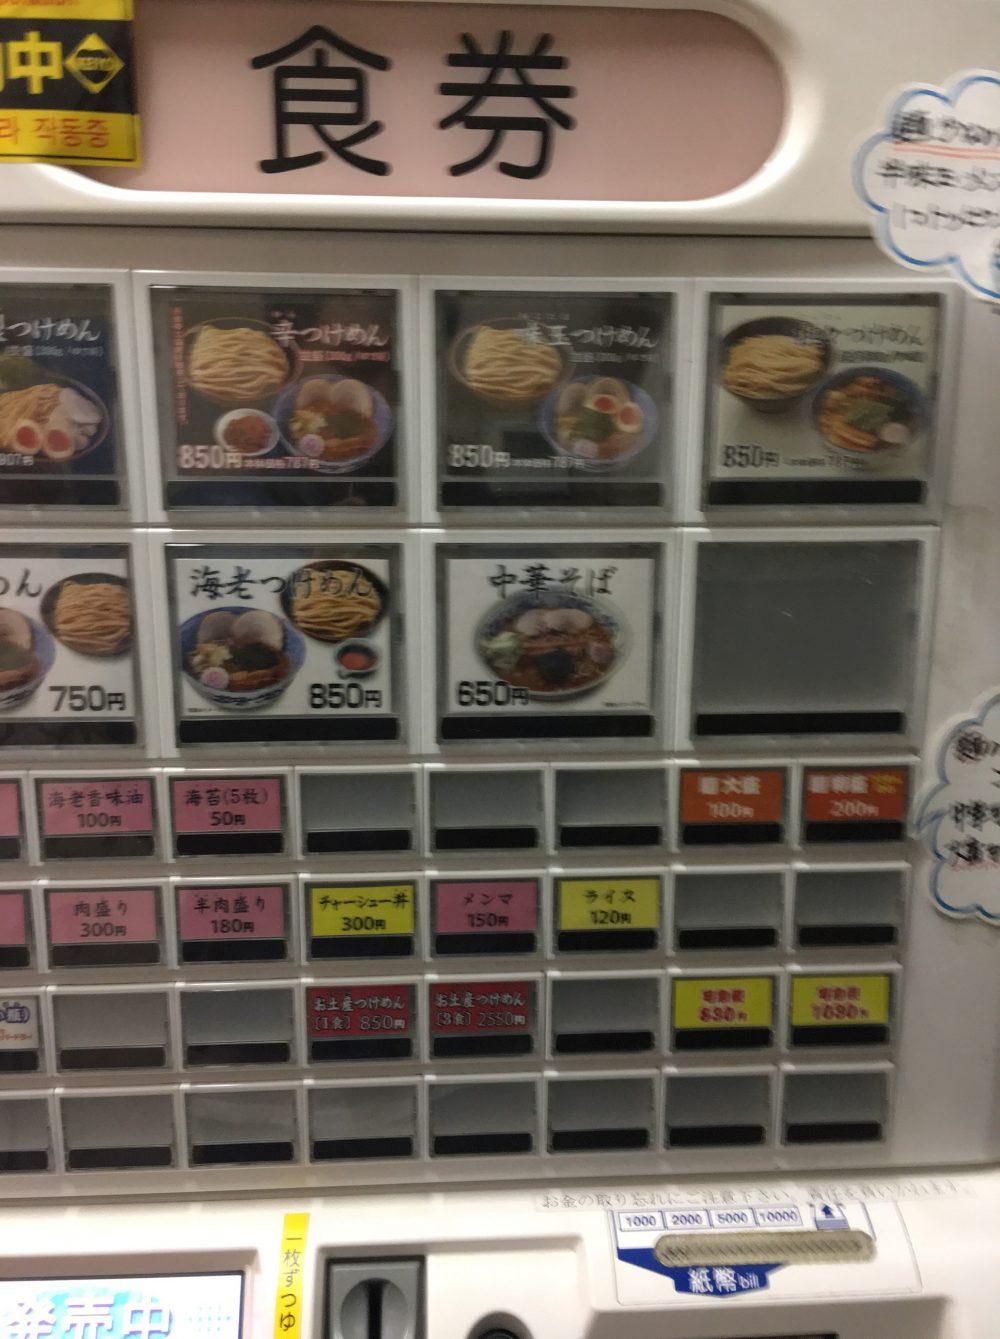 【鴻巣市】食べログ評価1位のつけめん店「次念序 (じねんじょ)」にいってきた